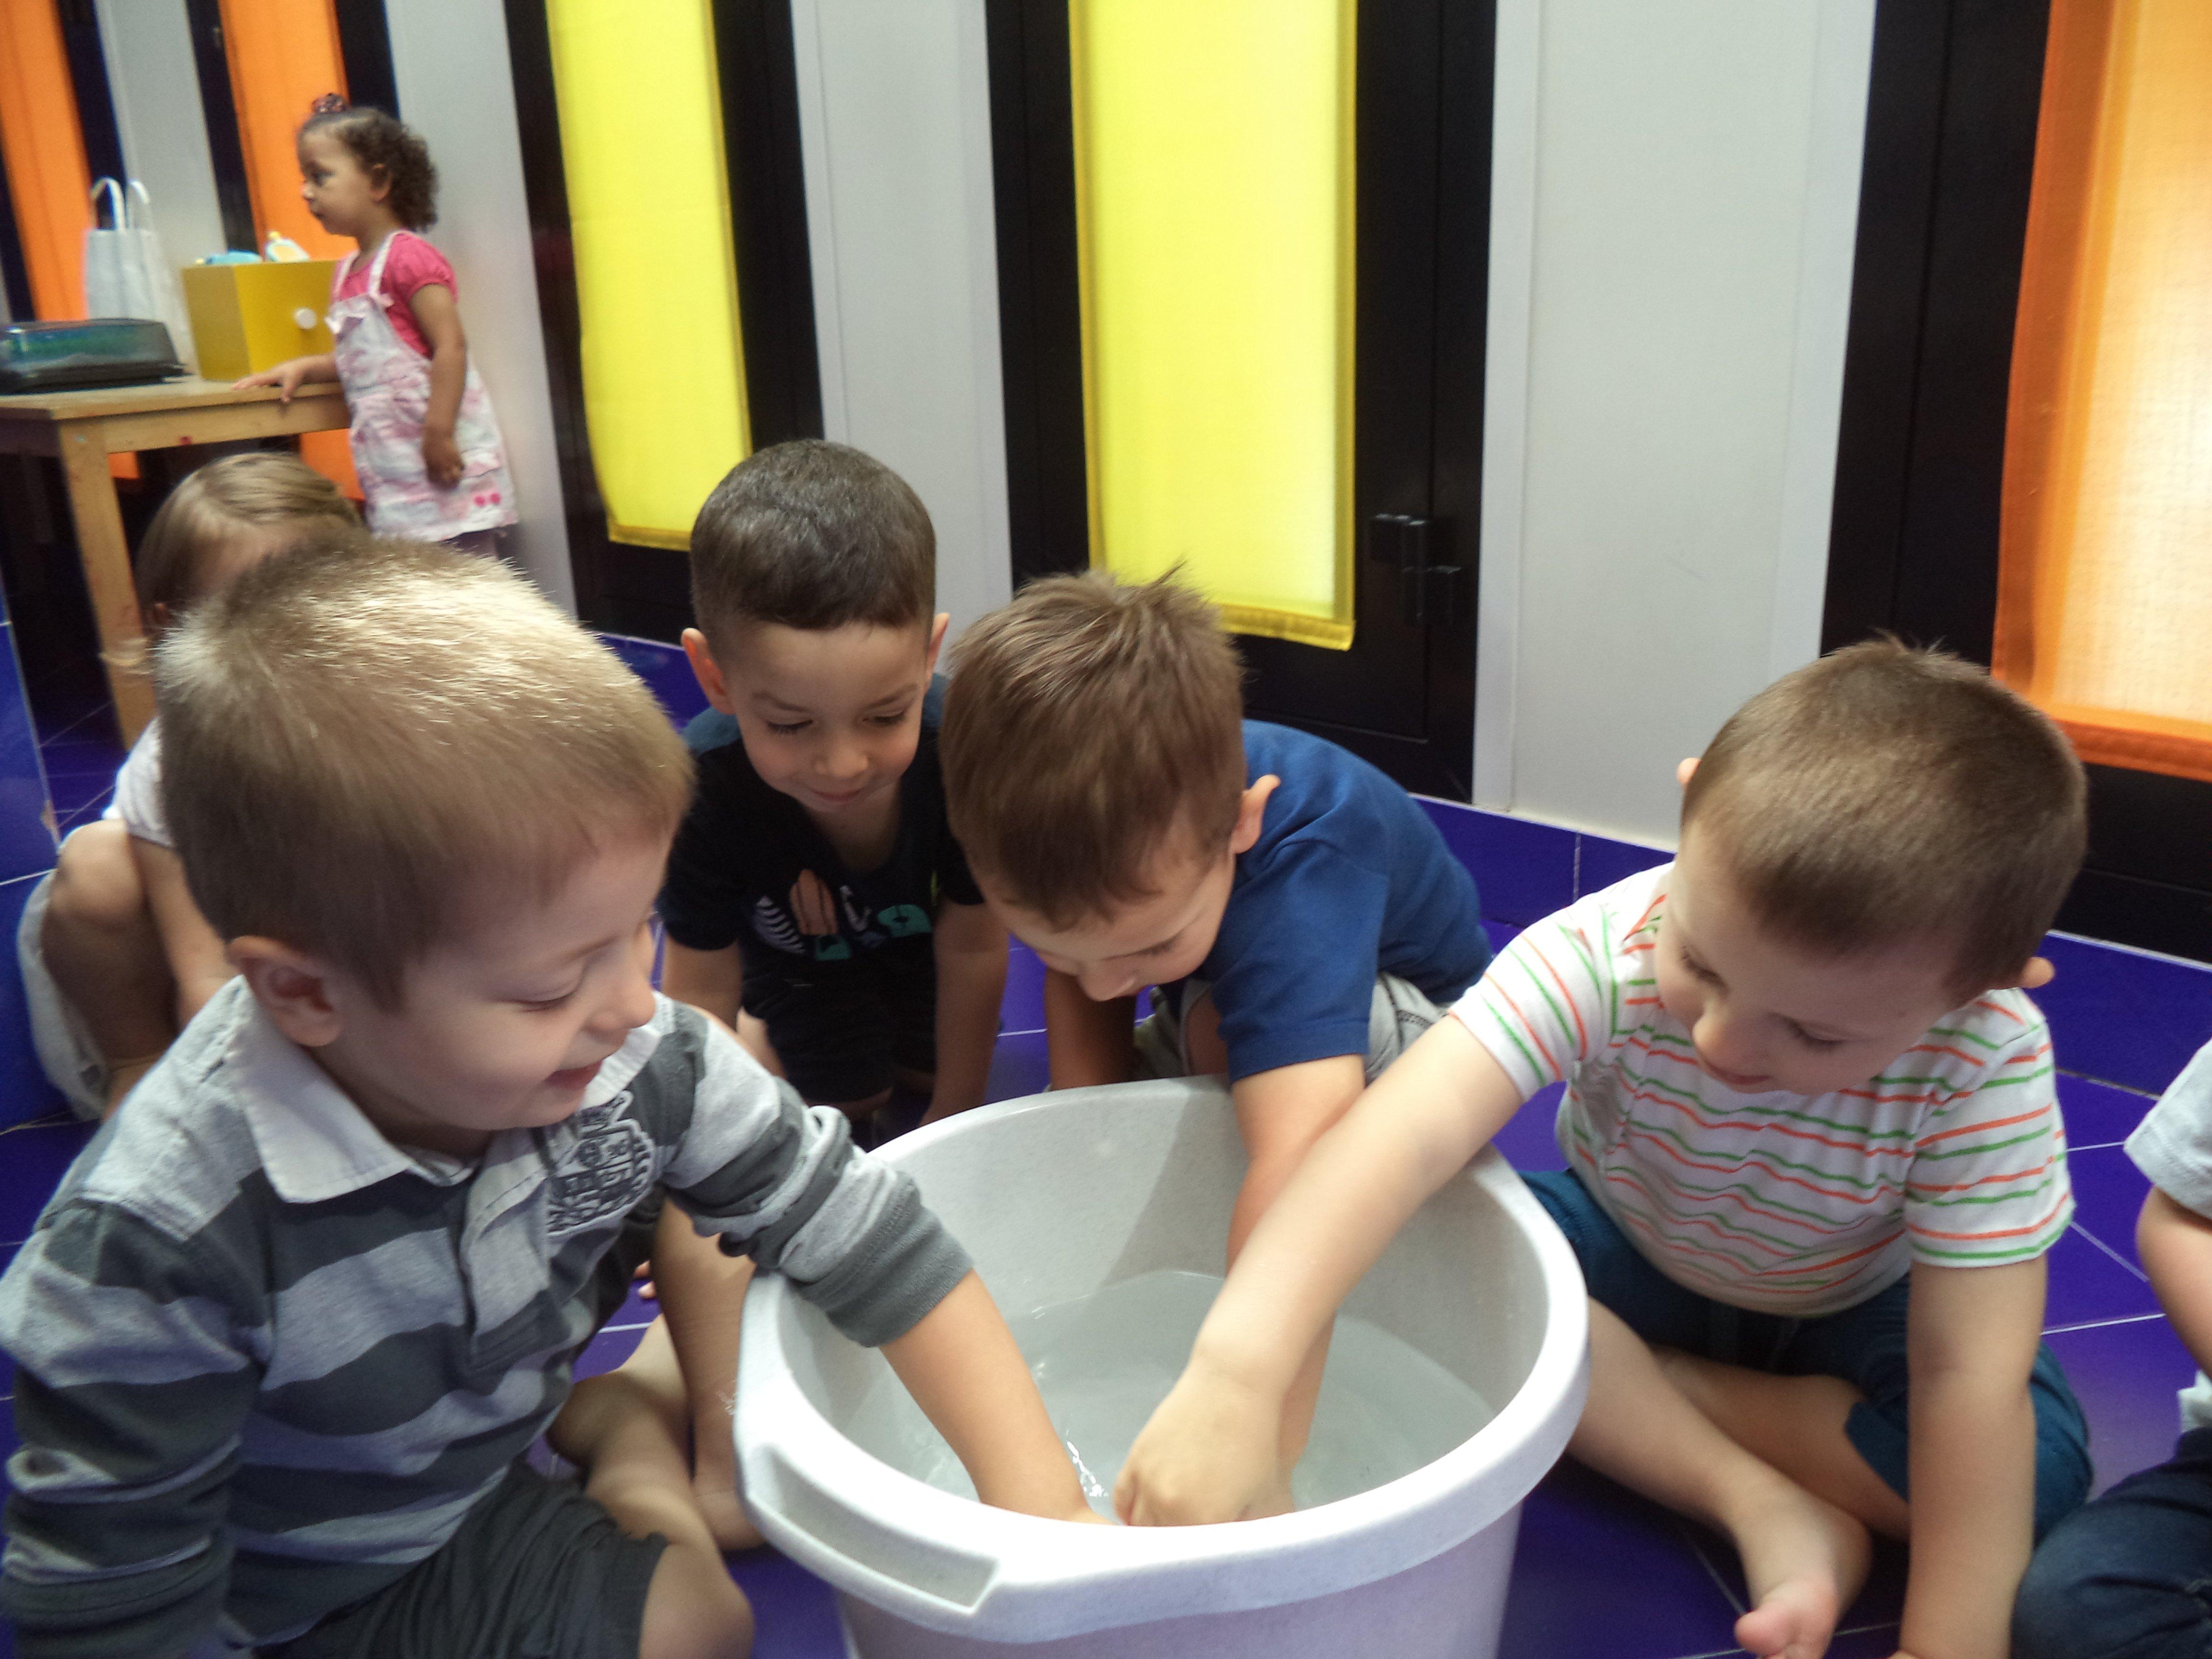 Bagno asilo nido altrospazio specifico per bambini grandi - Bagno per bambini ...